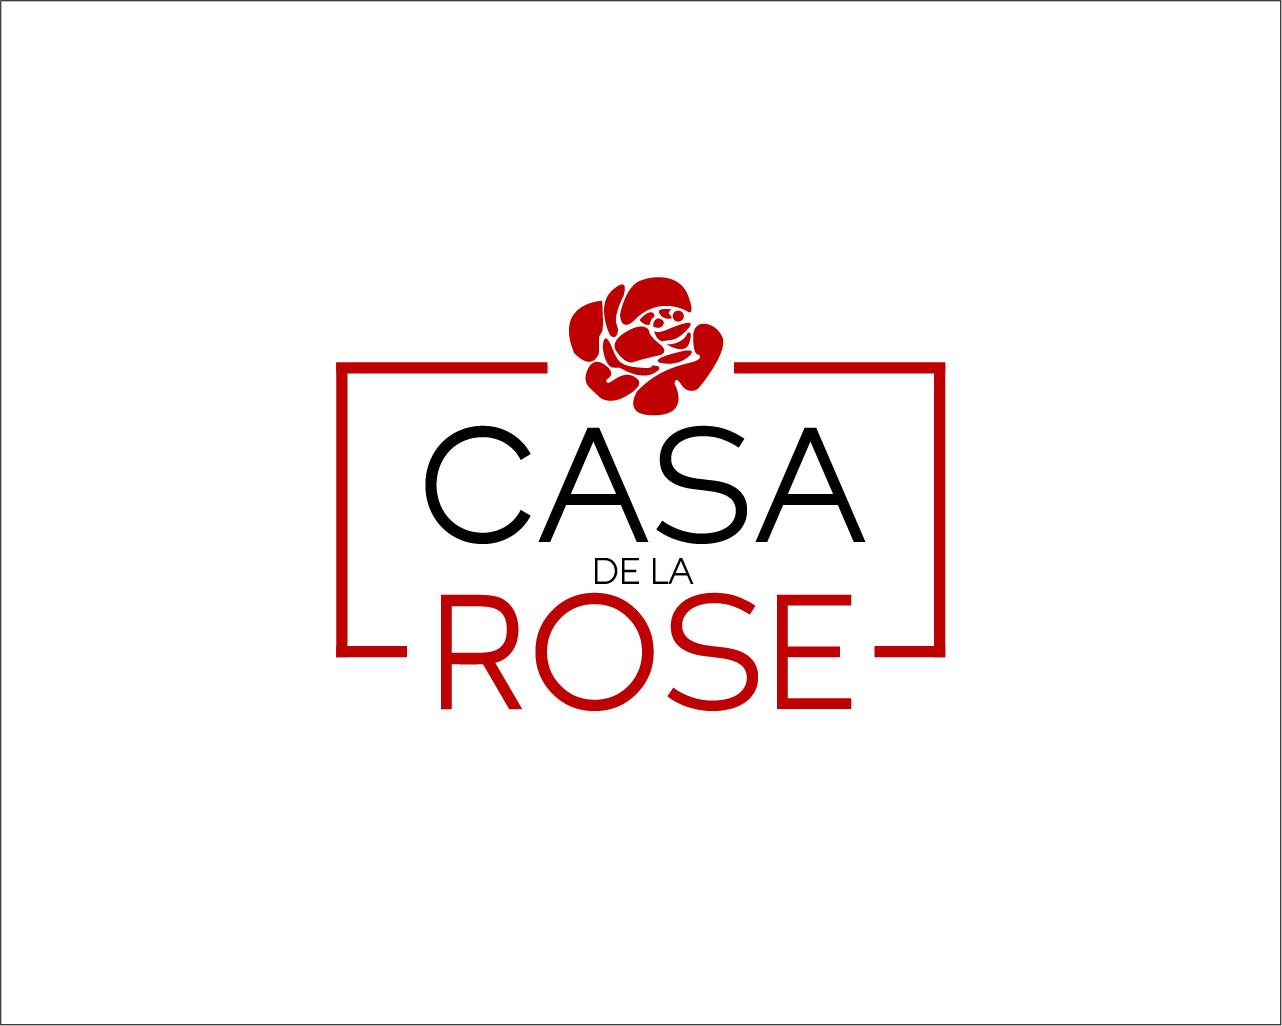 Логотип + Фирменный знак для элитного поселка Casa De La Rosa фото f_4235cd465be5a3e4.jpg